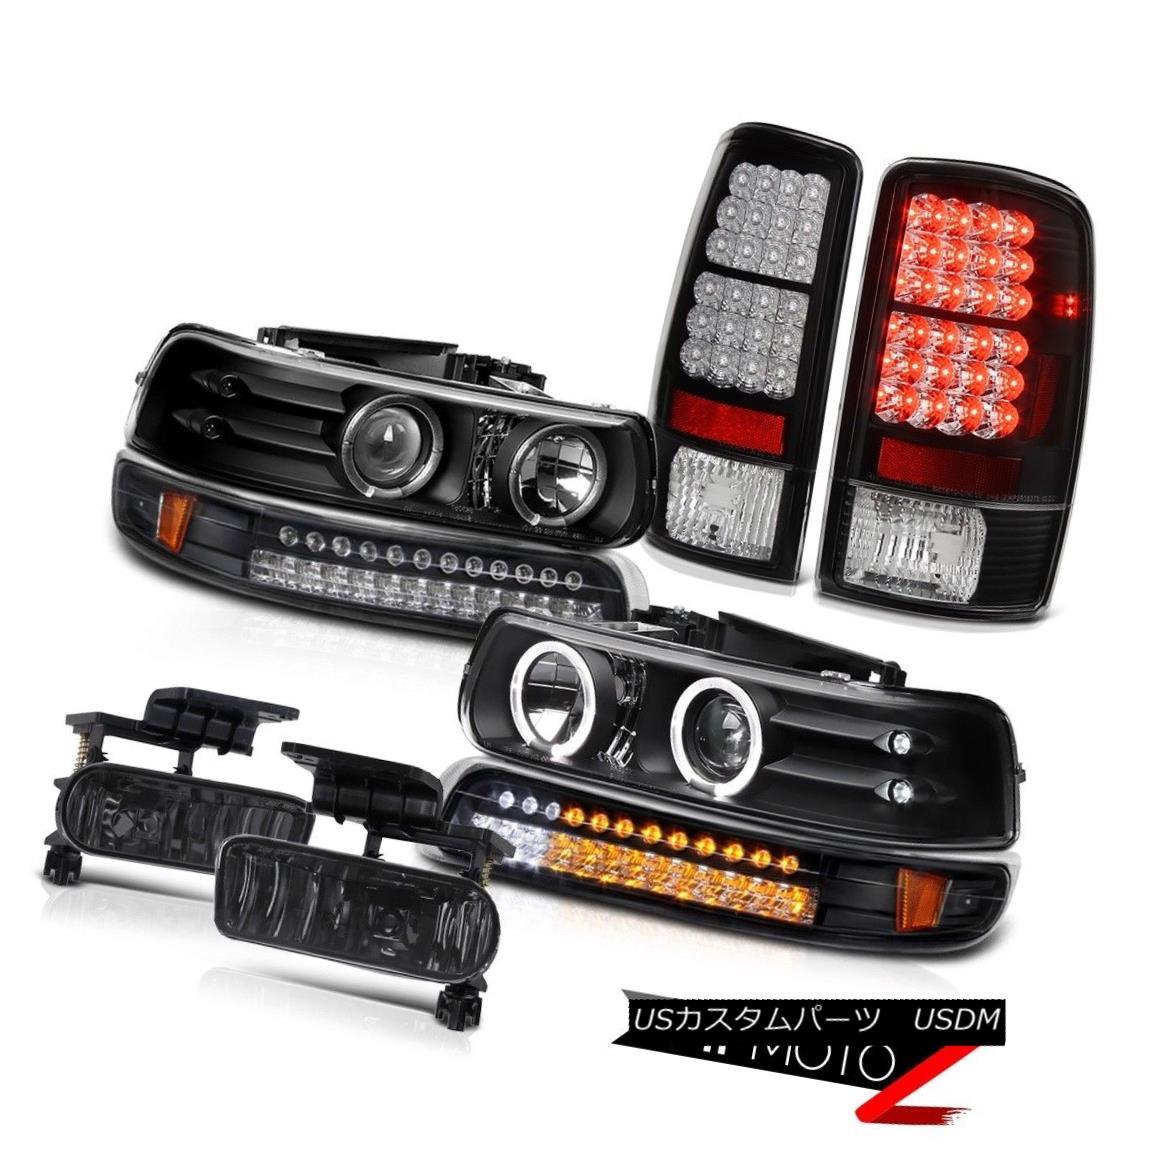 テールライト Black LED DRL Headlamps Parking Tail Light Fog 00 01 02 03 04 05 06 Suburban LS ブラックLED DRLヘッドランプパーキングテールライトフォグ00 01 02 03 04 05 06郊外LS